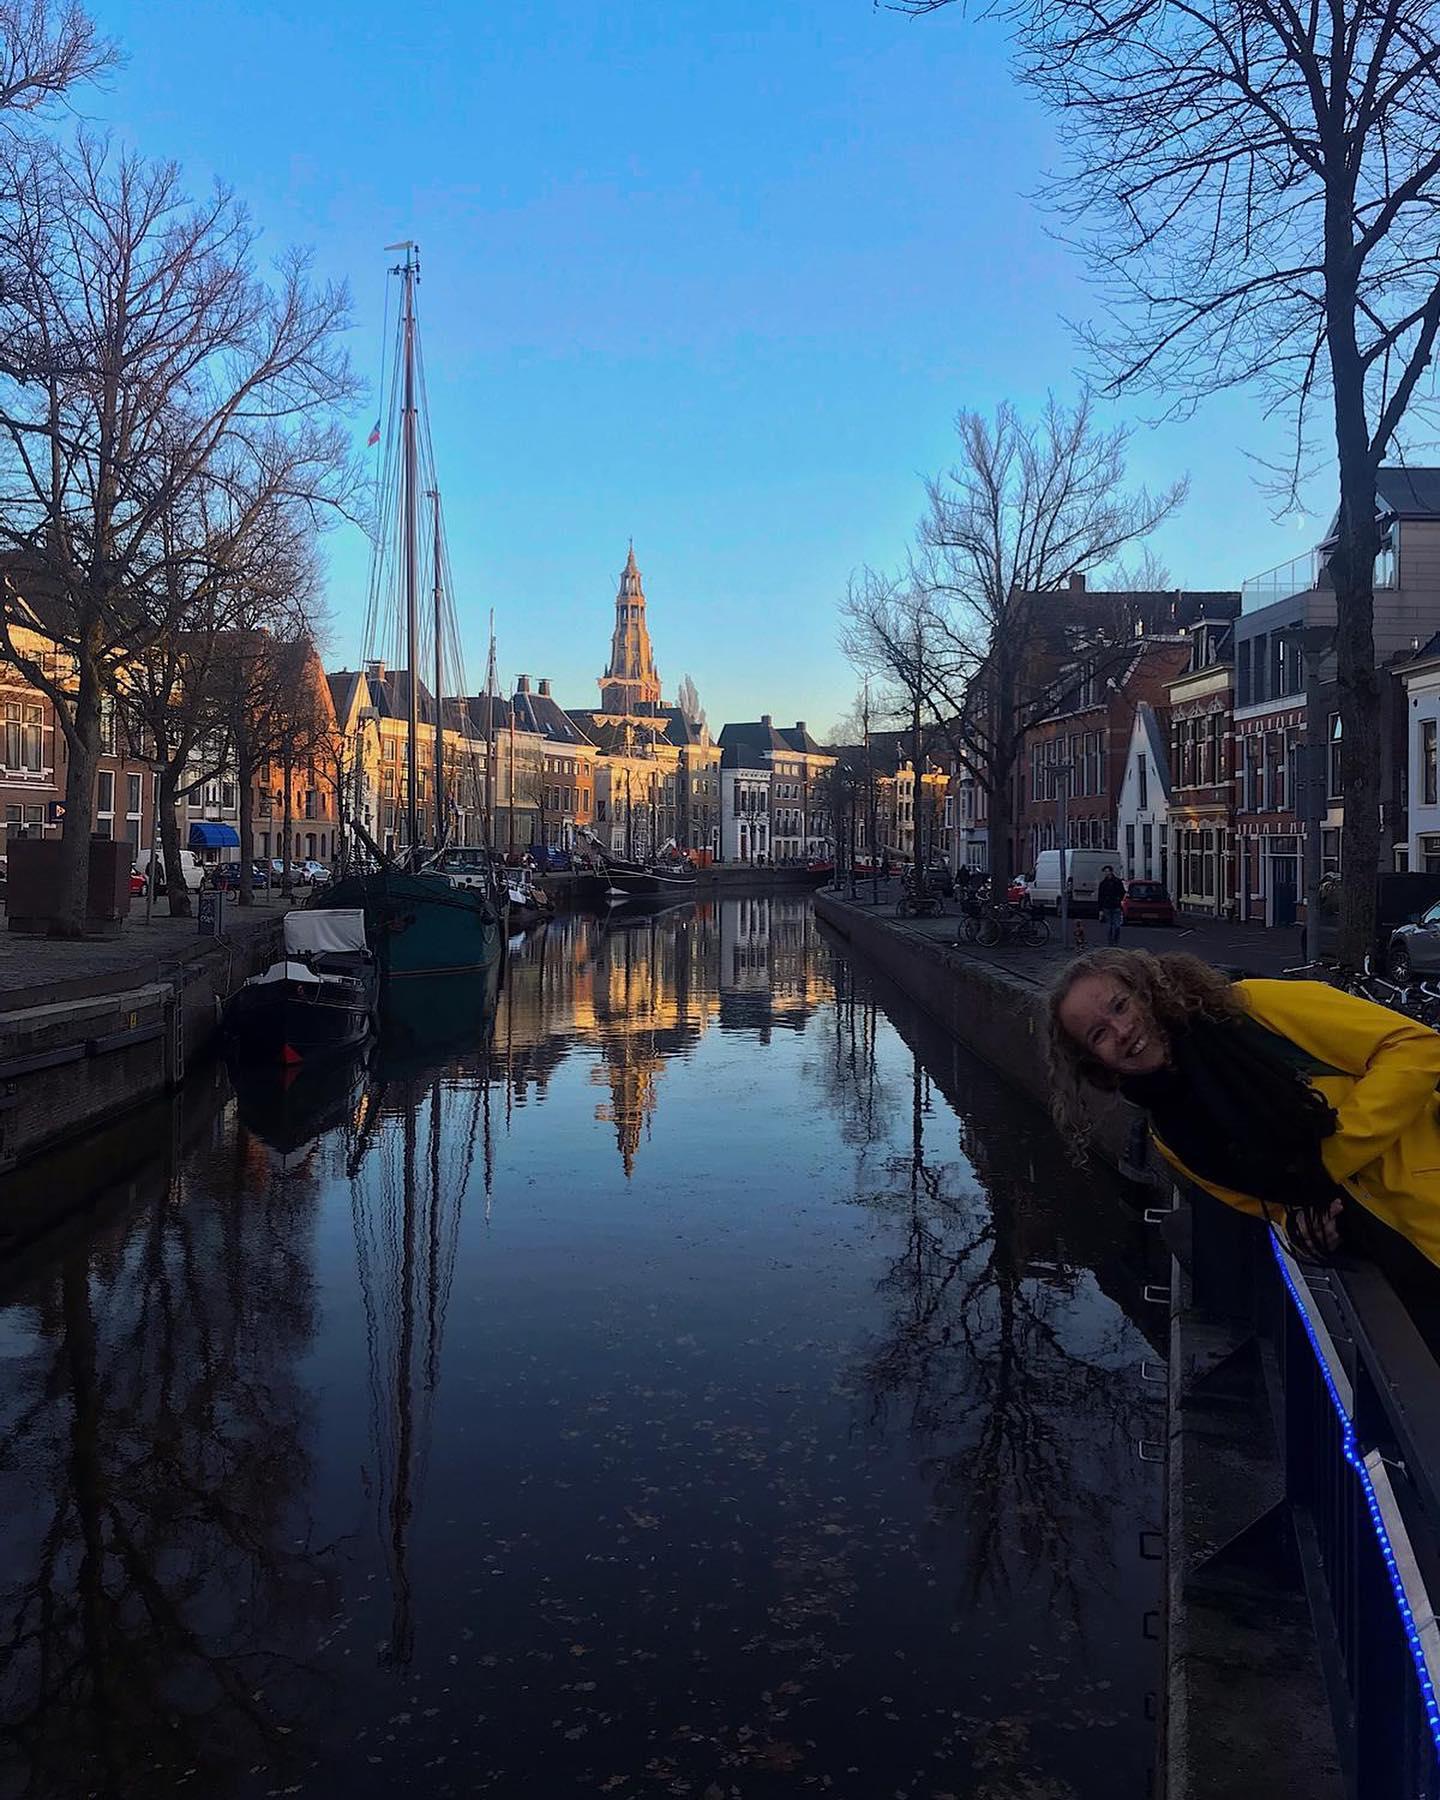 Spaziergang durch Groningens Innenstadt ☺️#erlebees